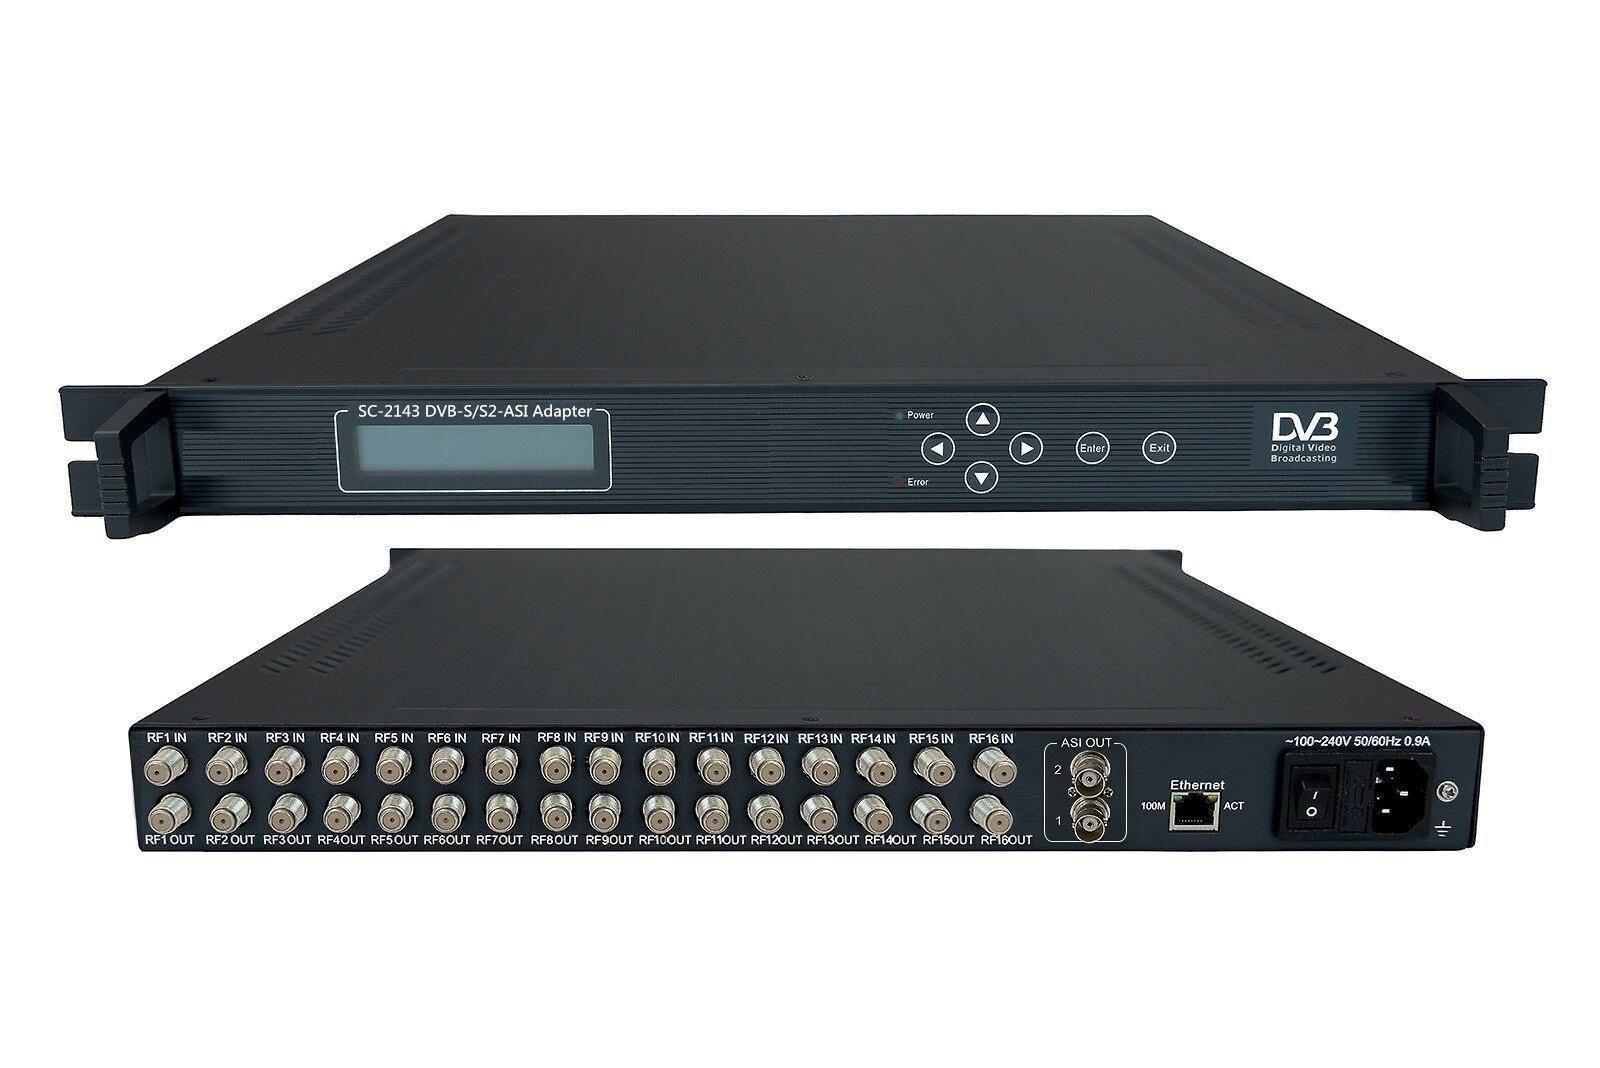 16IN1 DVB-SS2 Satellite Receiver